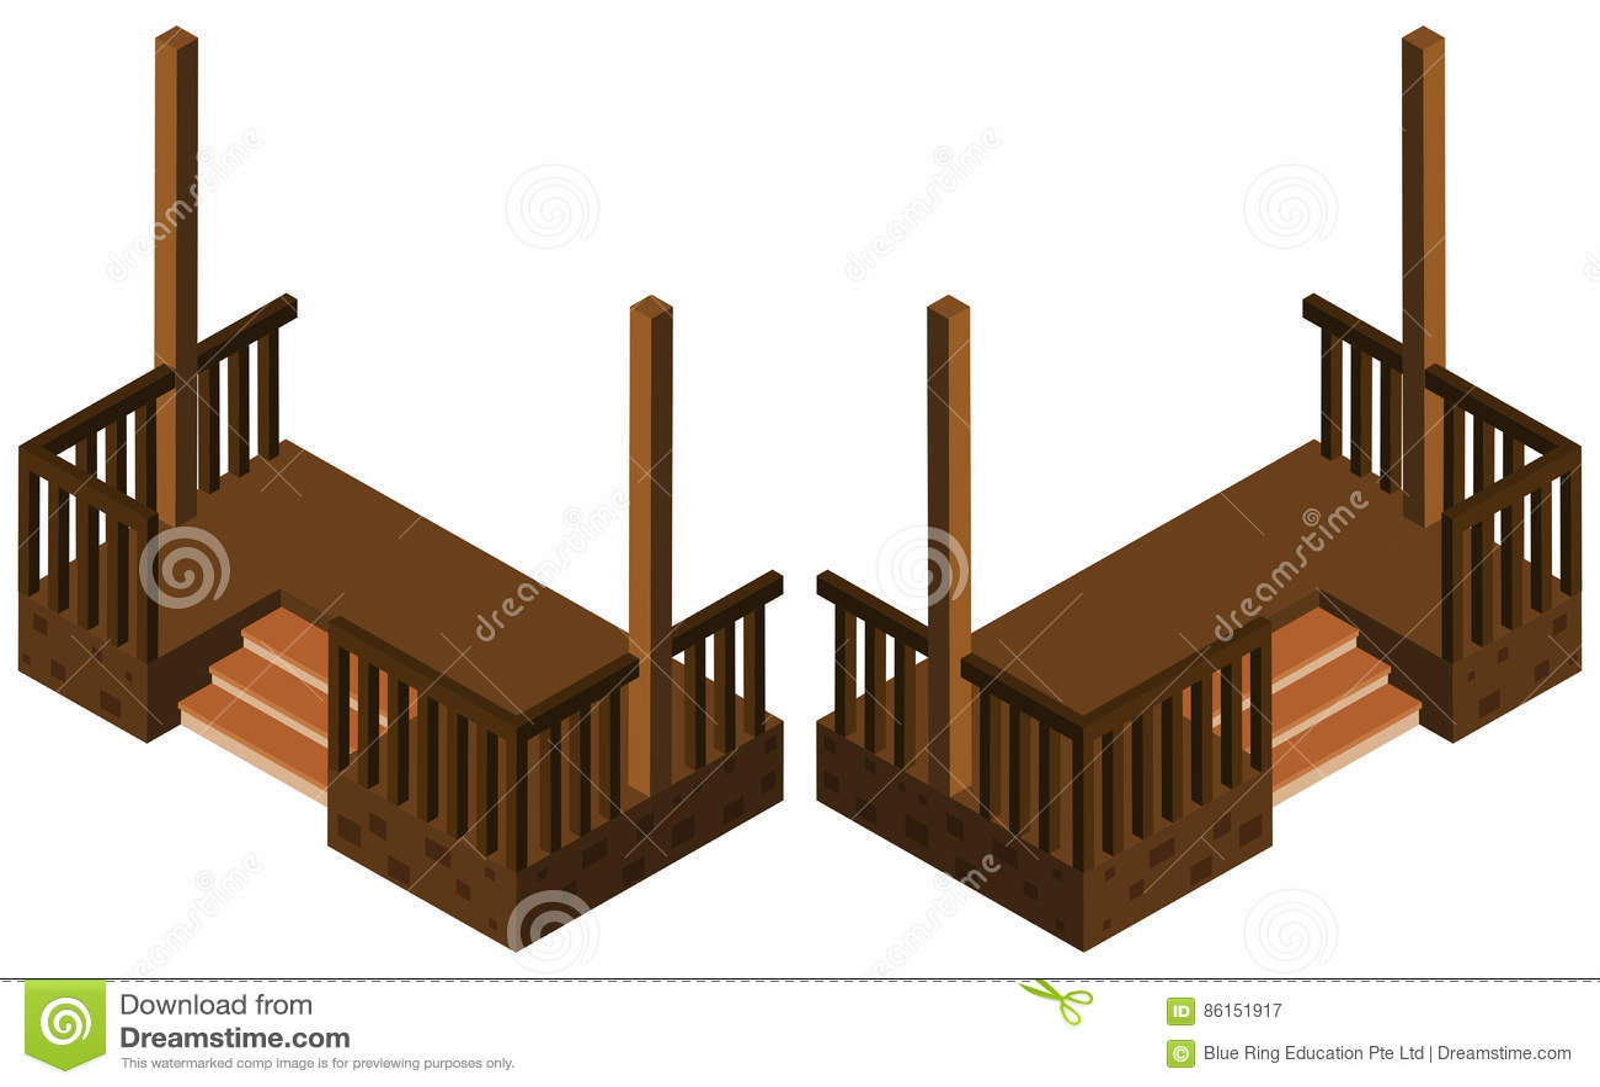 Conception 3d pour des escaliers illustration de vecteur for Conception 3d